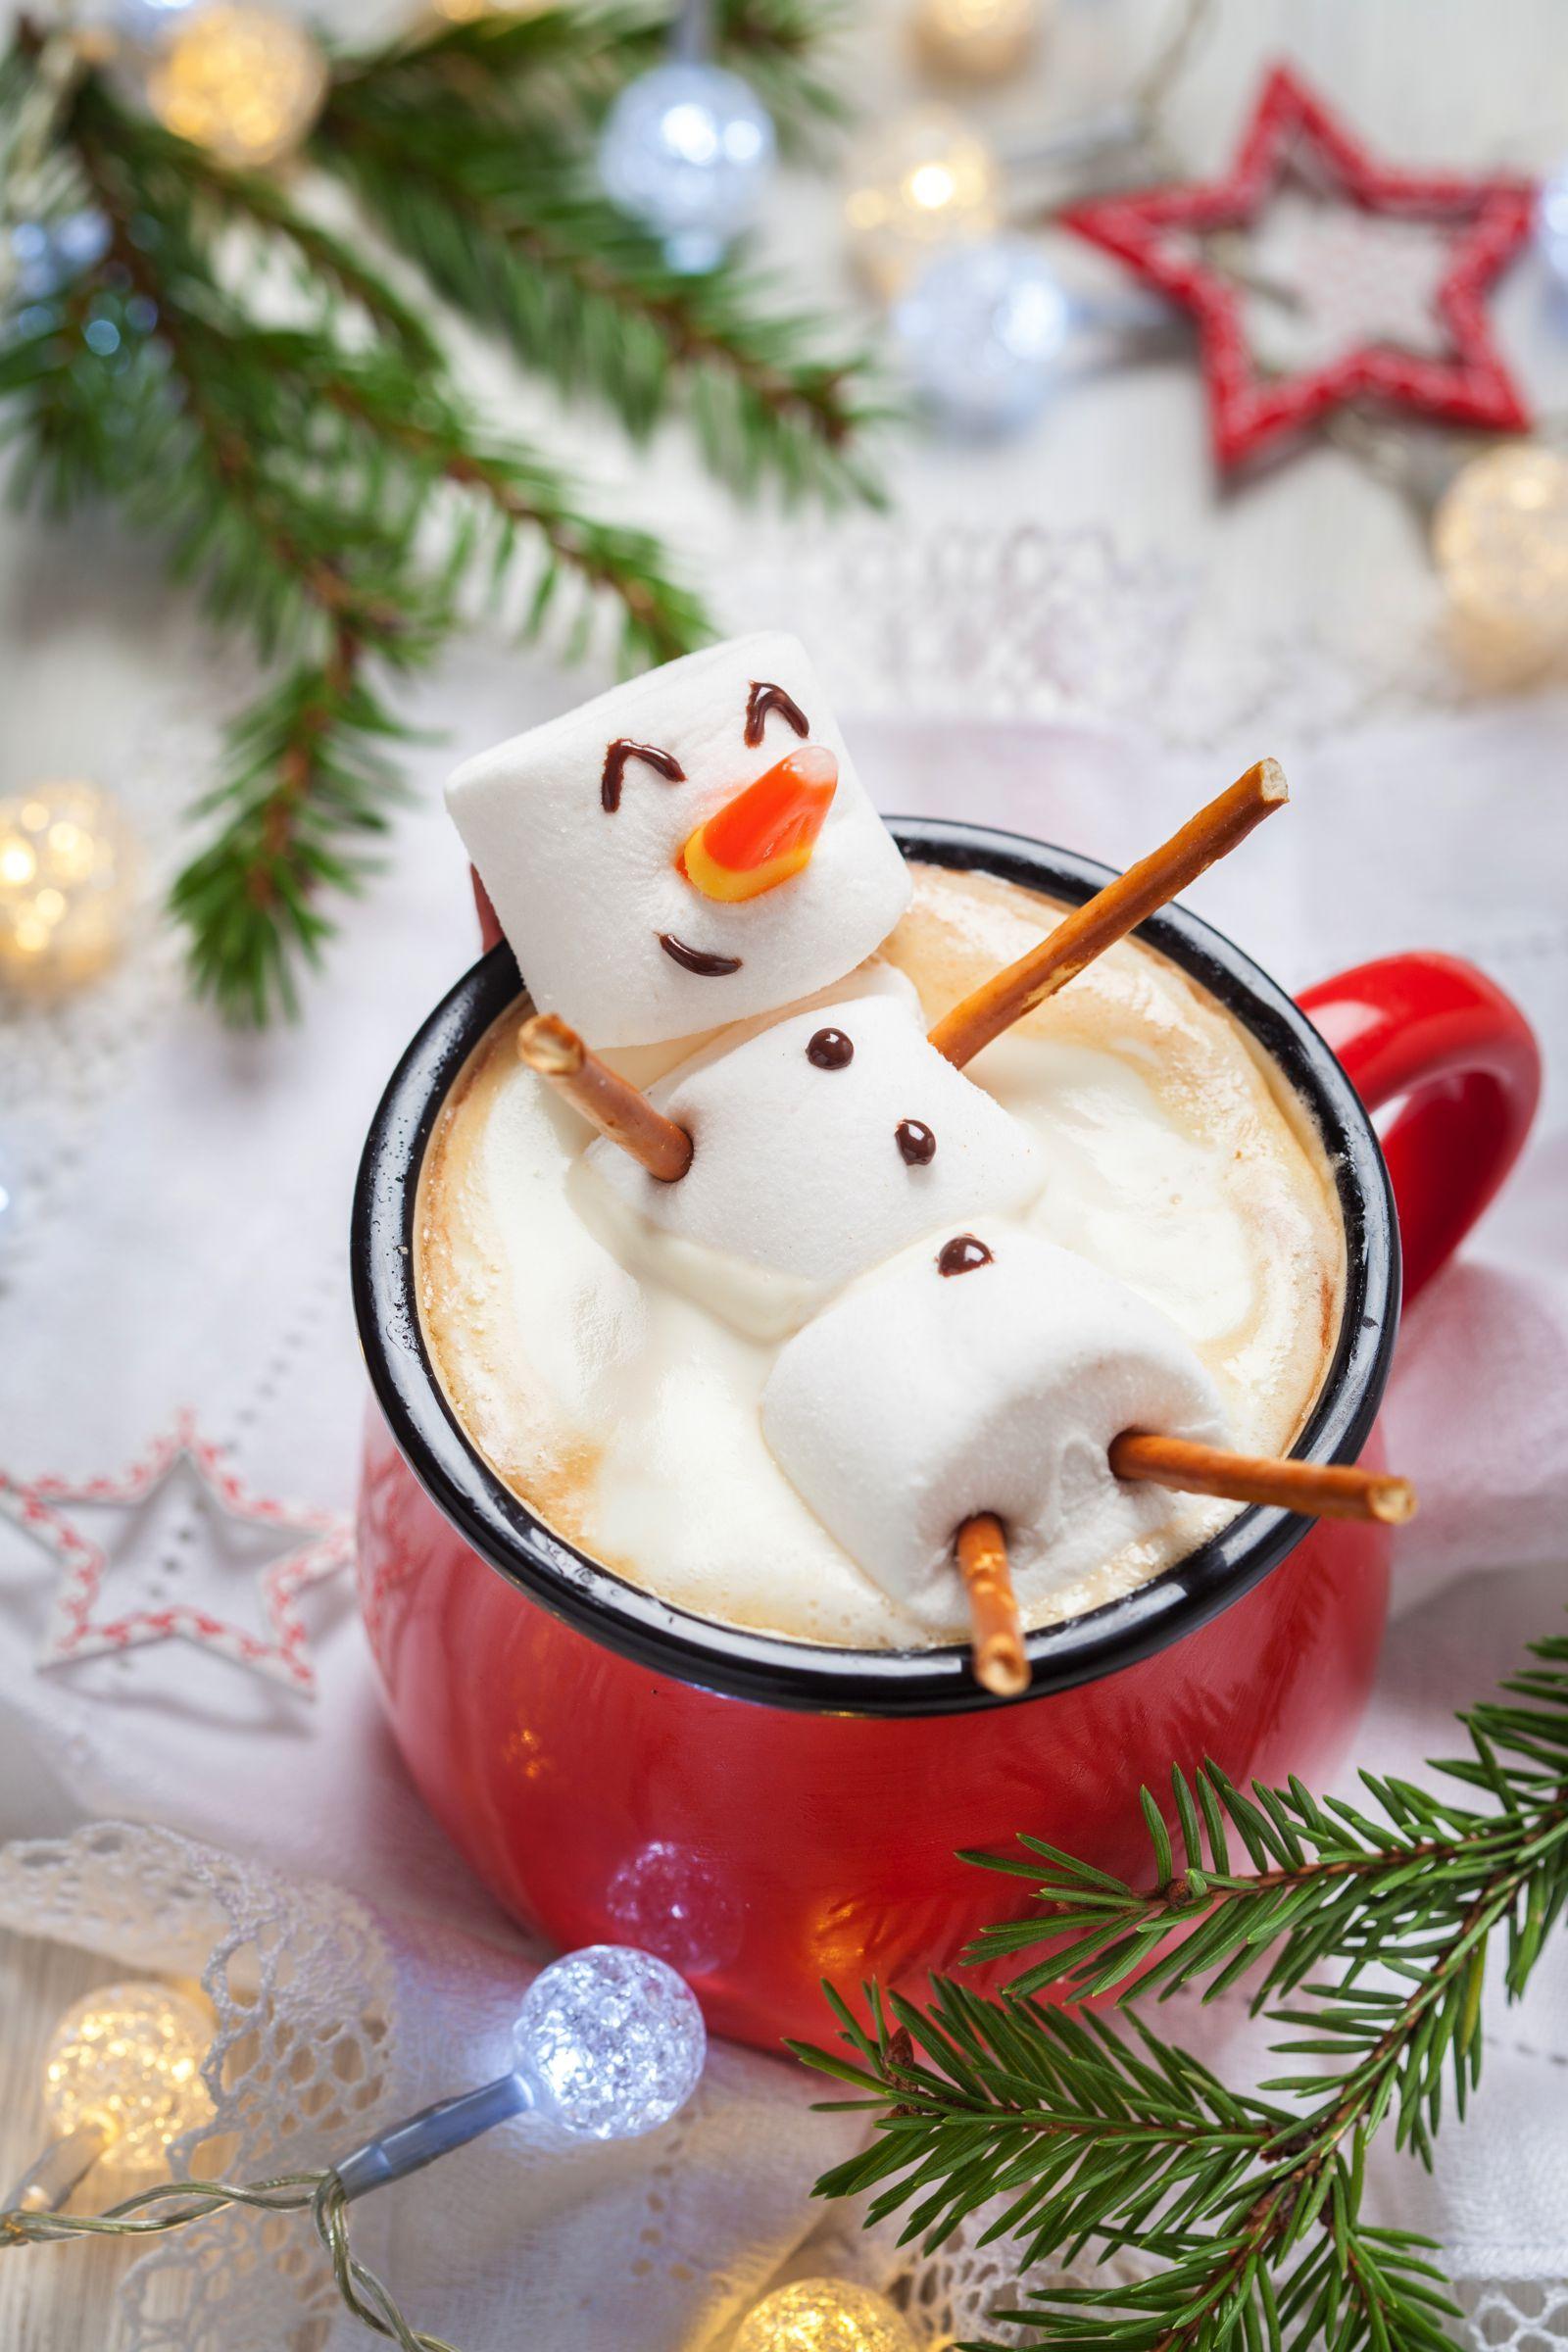 10 lustige und köstliche Weihnachtsleckereien zu machen